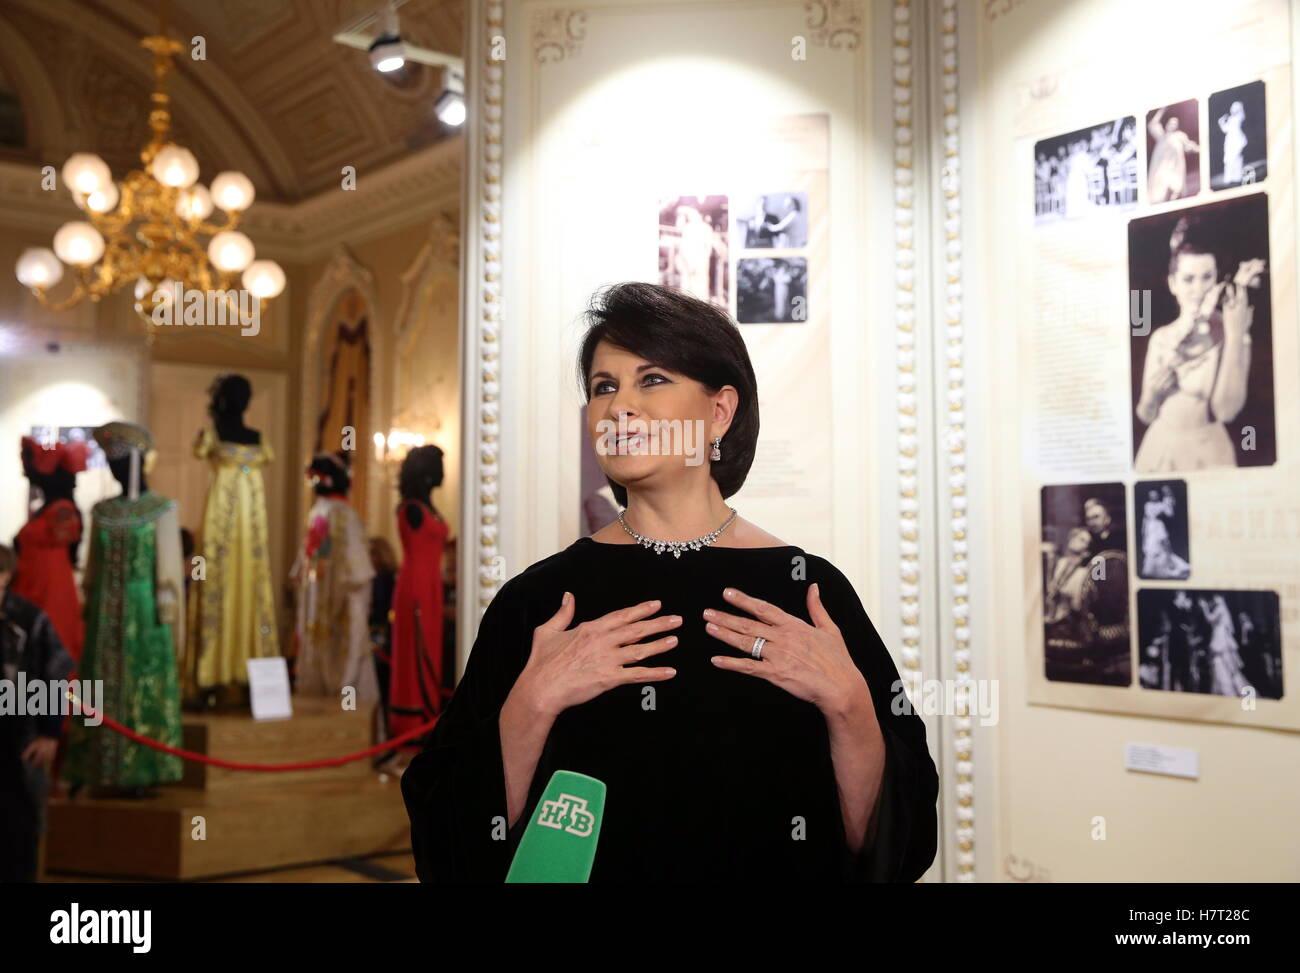 Today is the anniversary of Galina Vishnevskaya 10/25/2011 30